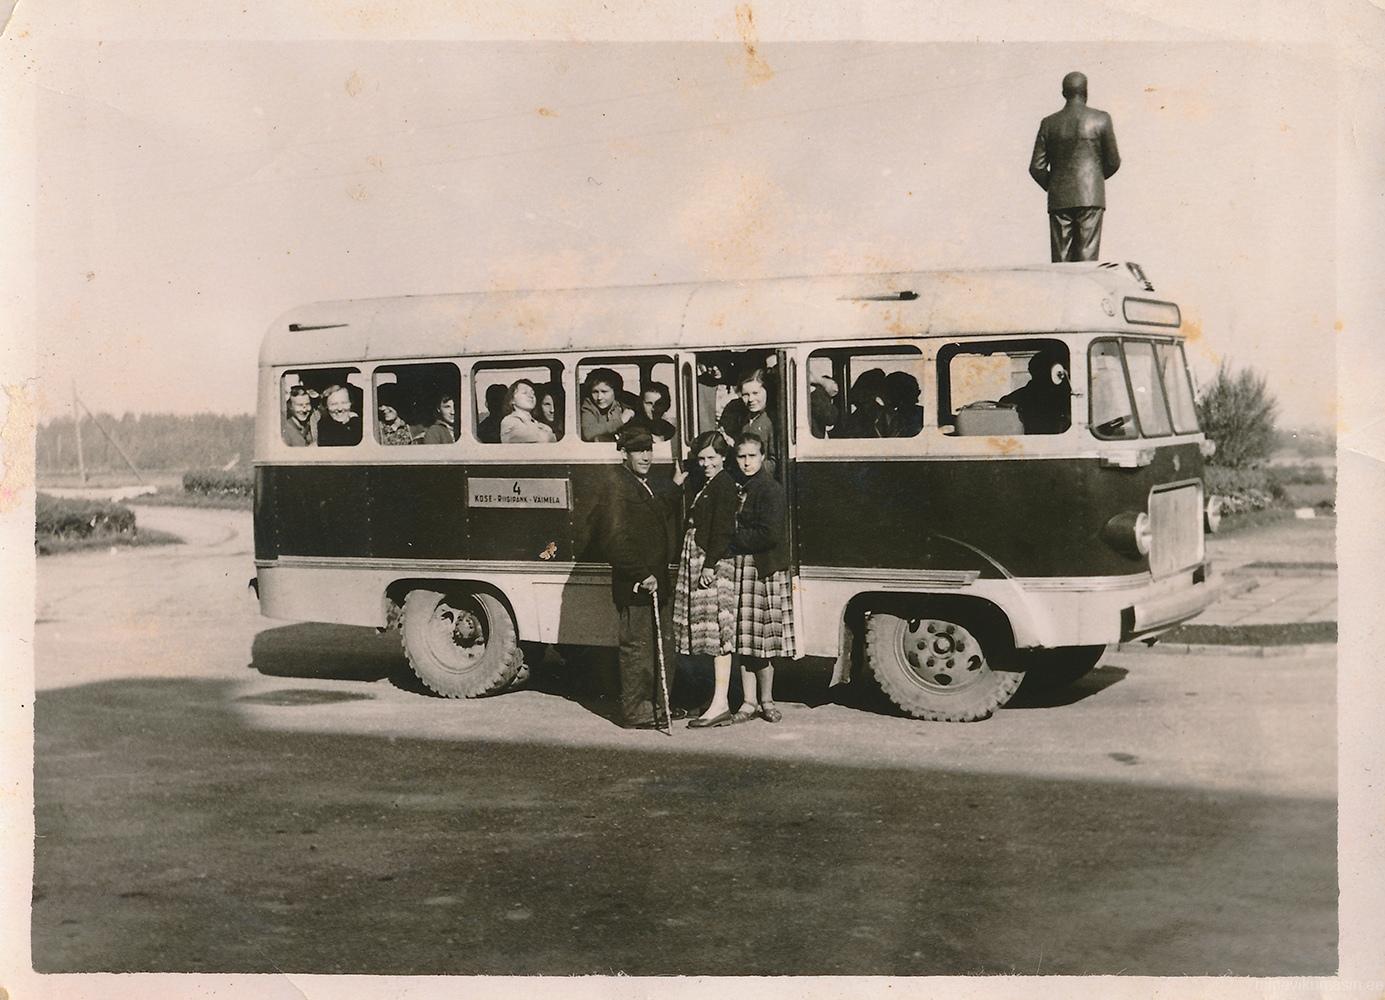 Võru autobaasi buss TA-6 liinil nr 4 Kose - Riigipank - Väimela. Foto 1950ndate lõpust.